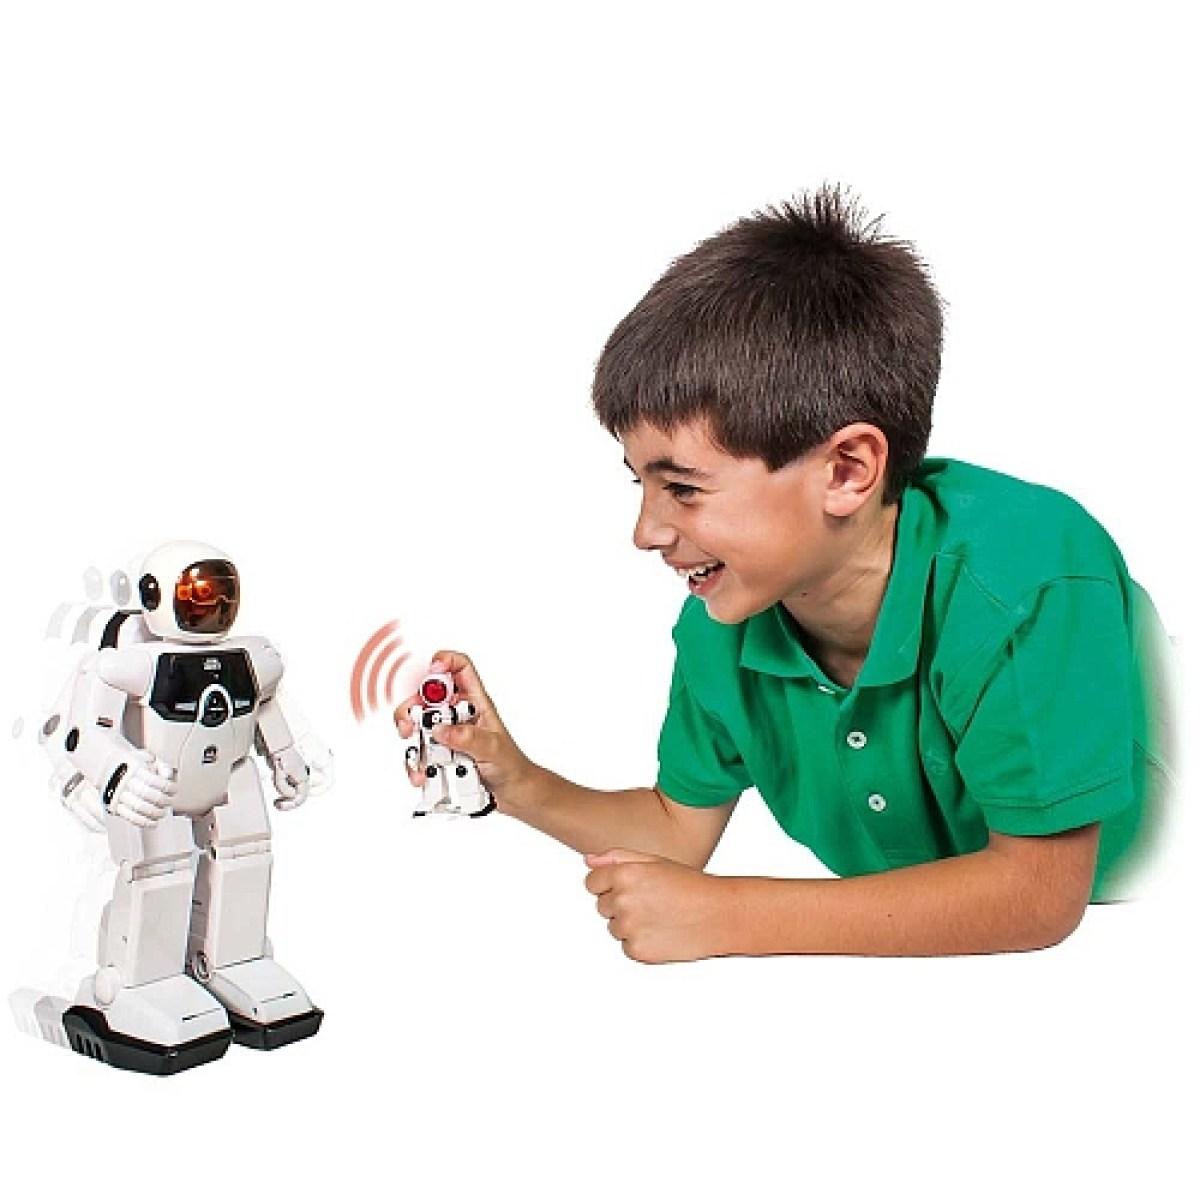 Mejor Regalo Para Un Nino De 4 Anos.Que Juguetes Regalar A Un Nino Con Autismo Autismo Diario